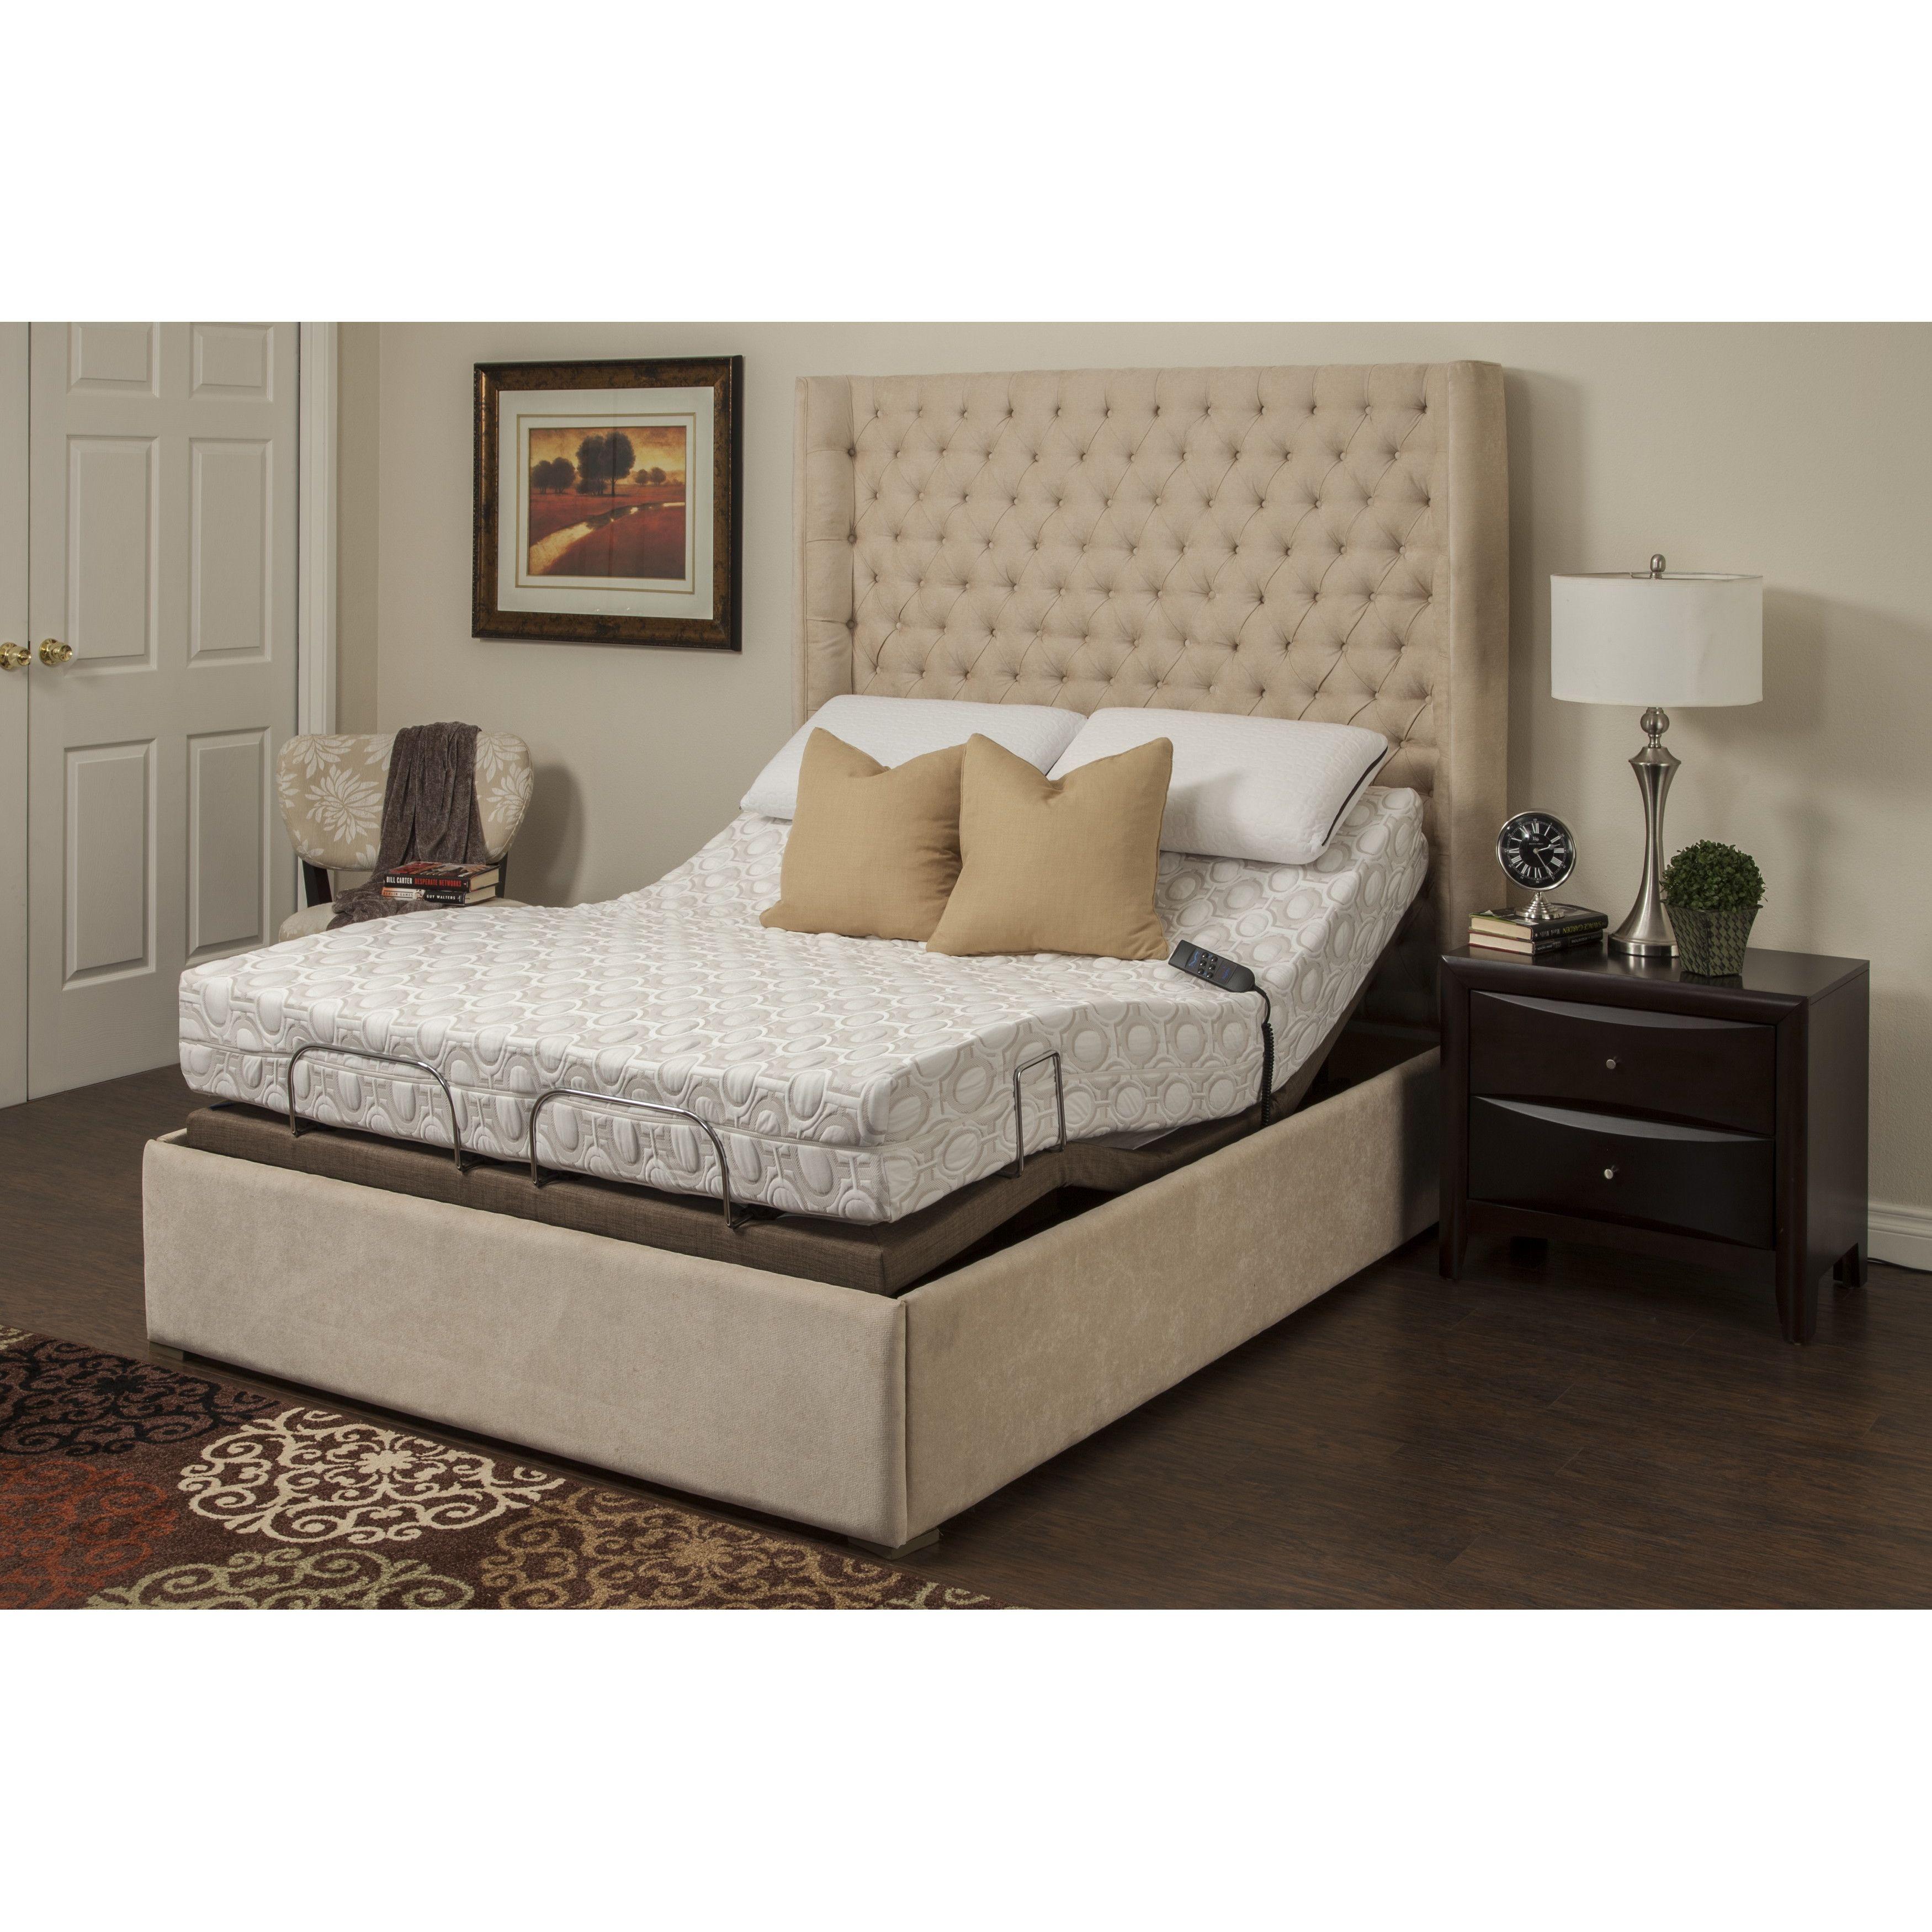 Avante Adjustable Bed Base Adjustable beds, Foam